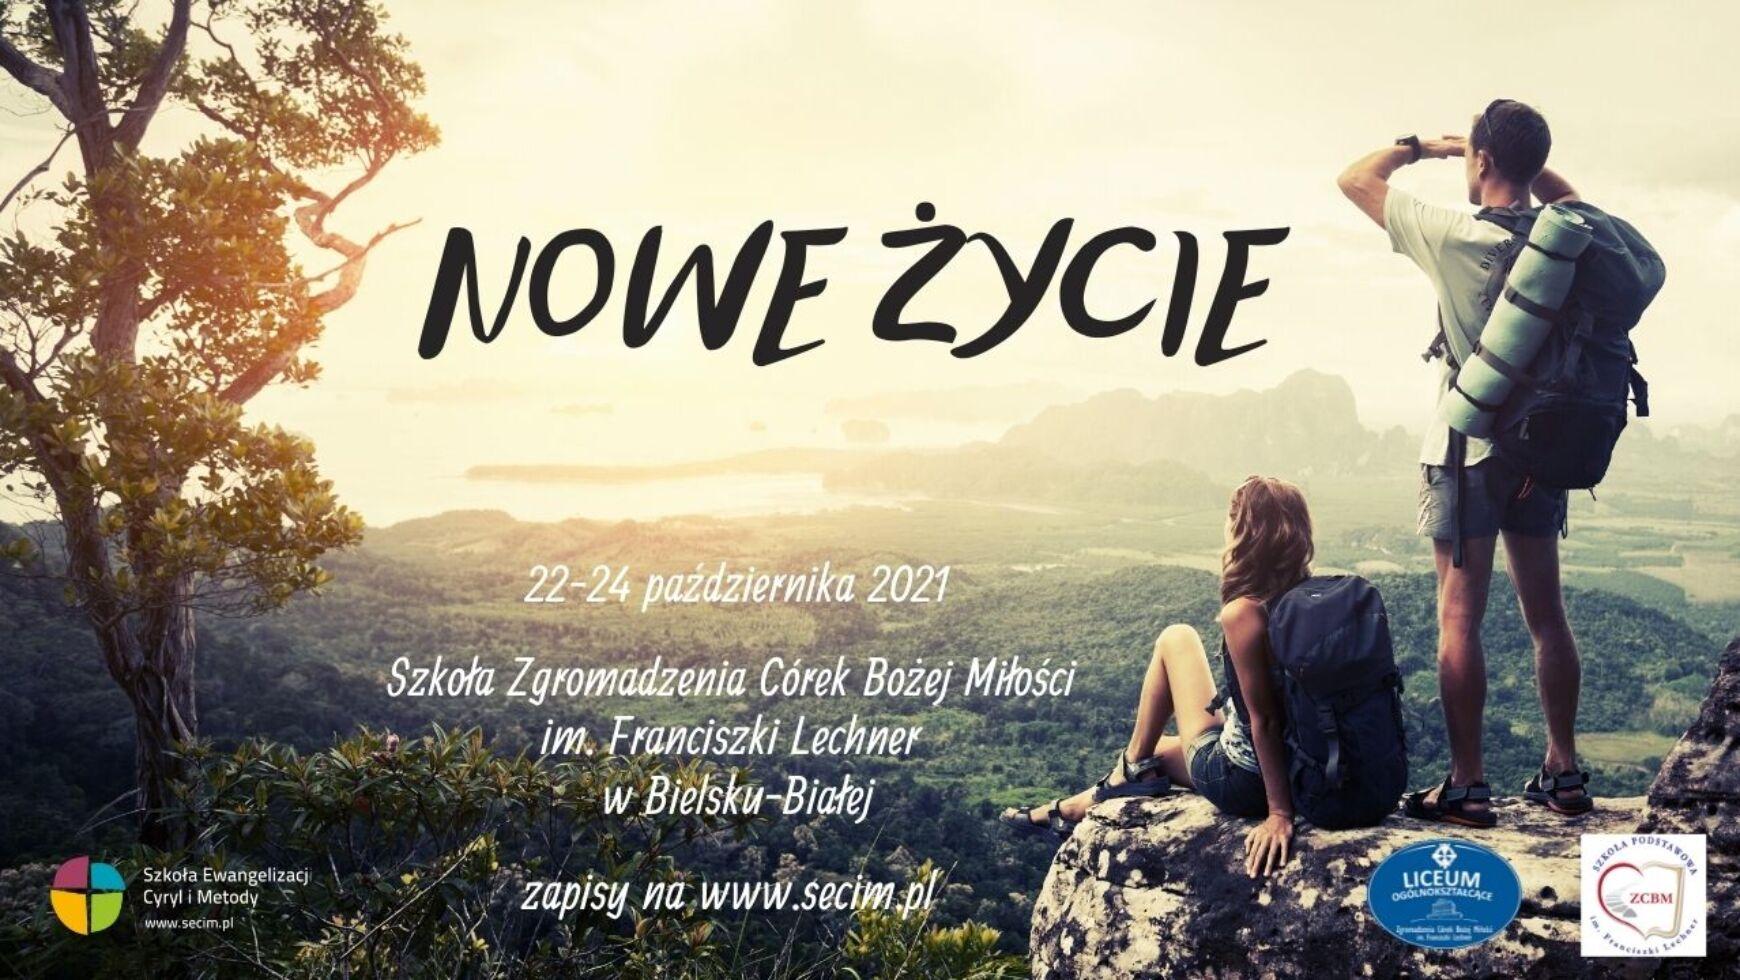 Kurs Nowe Życie, Bielsko-Biała